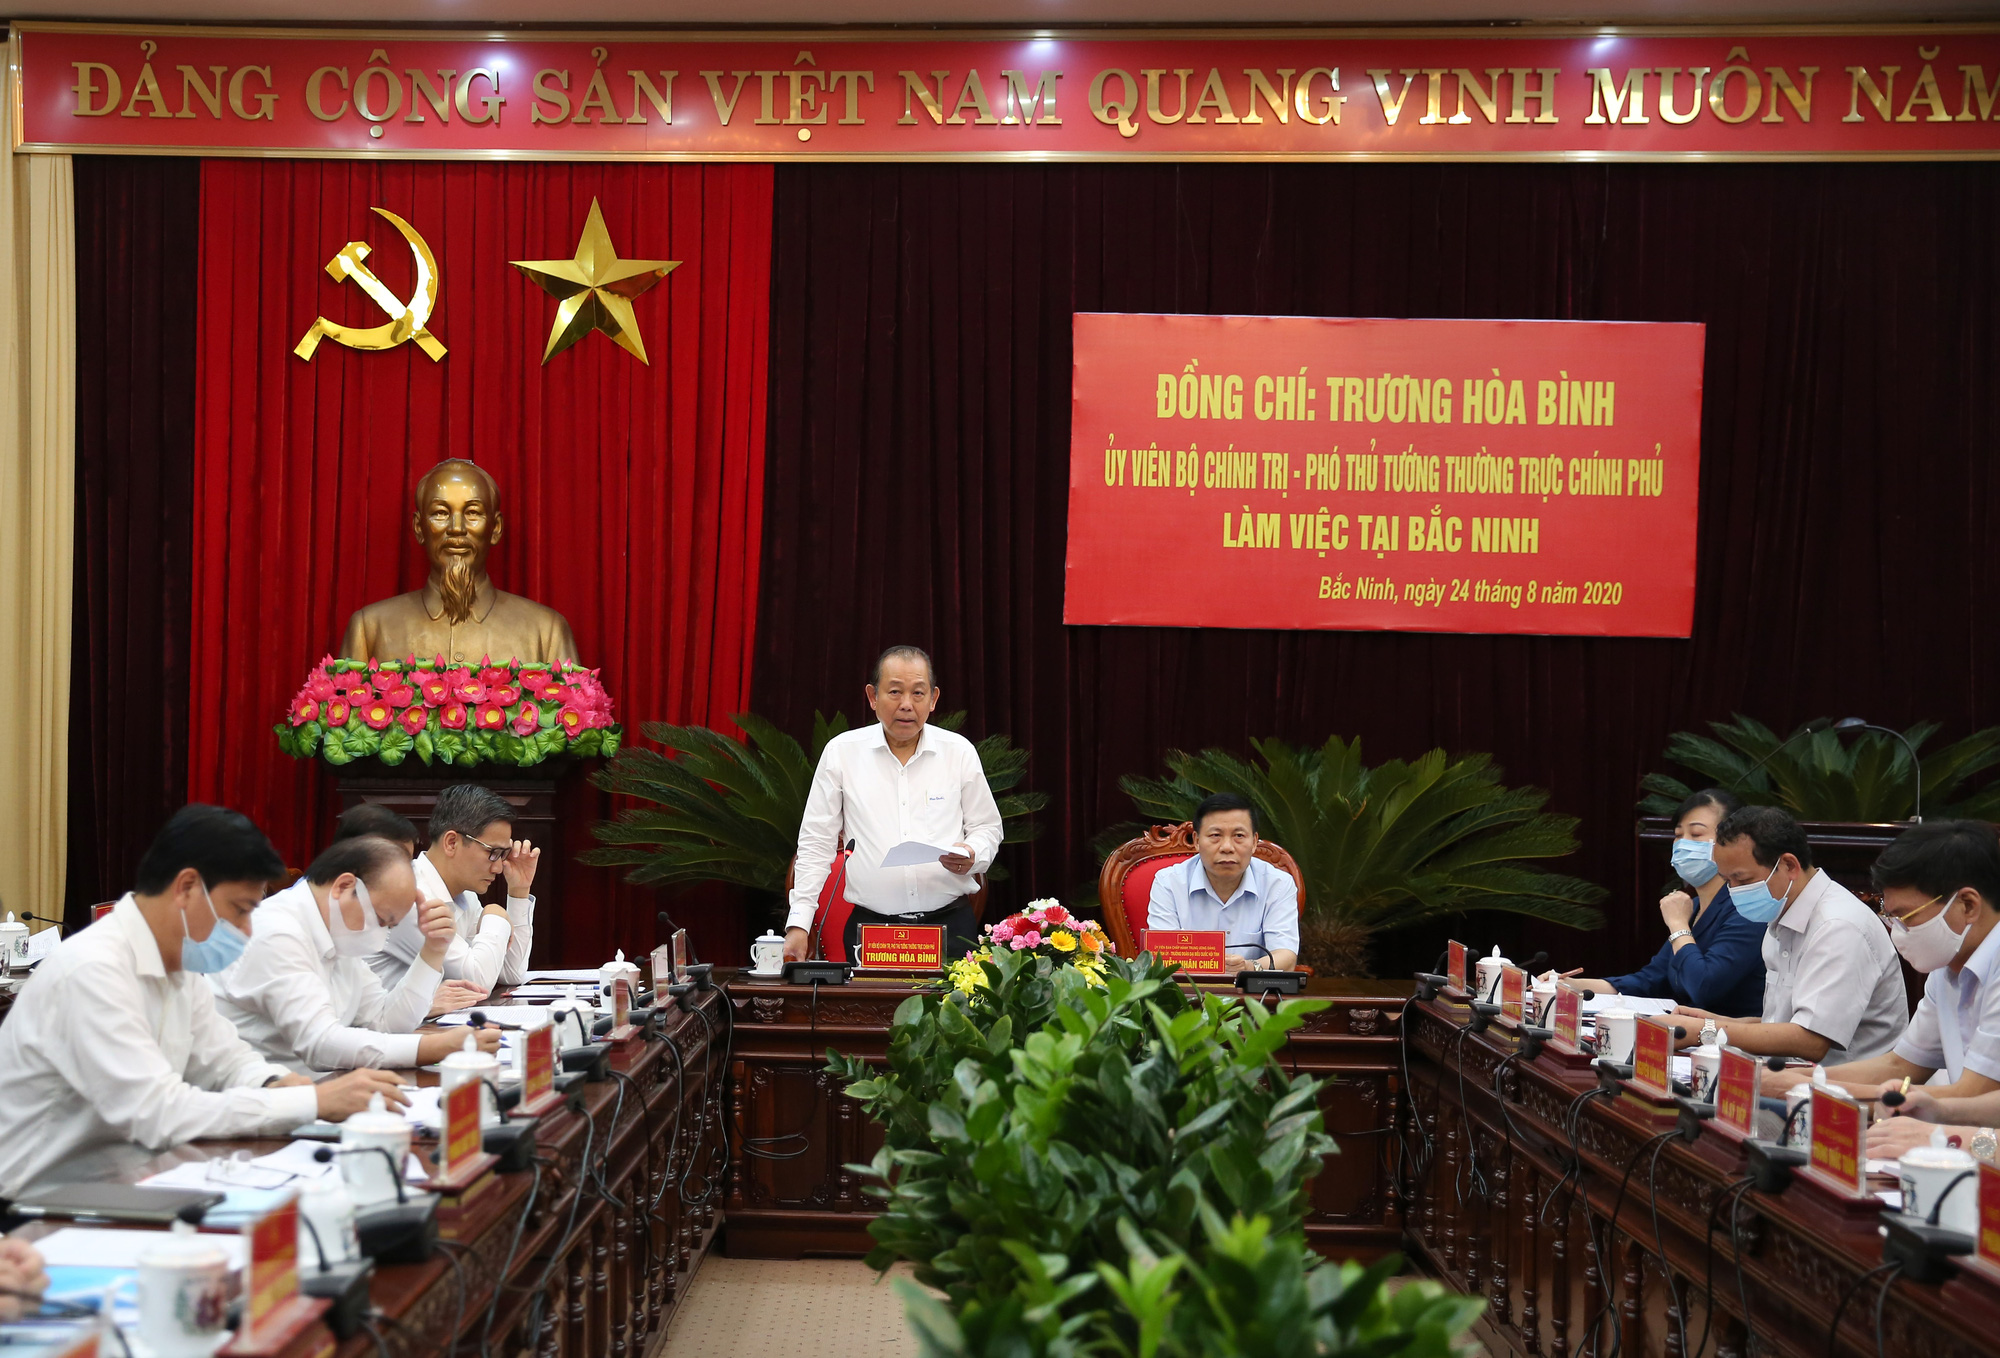 Làm việc với tỉnh Bắc Ninh về giải ngân vốn đầu tư công, Phó Thủ tướng Trương Hòa Bình giao 7 nhiệm vụ trọng tâm - Ảnh 2.